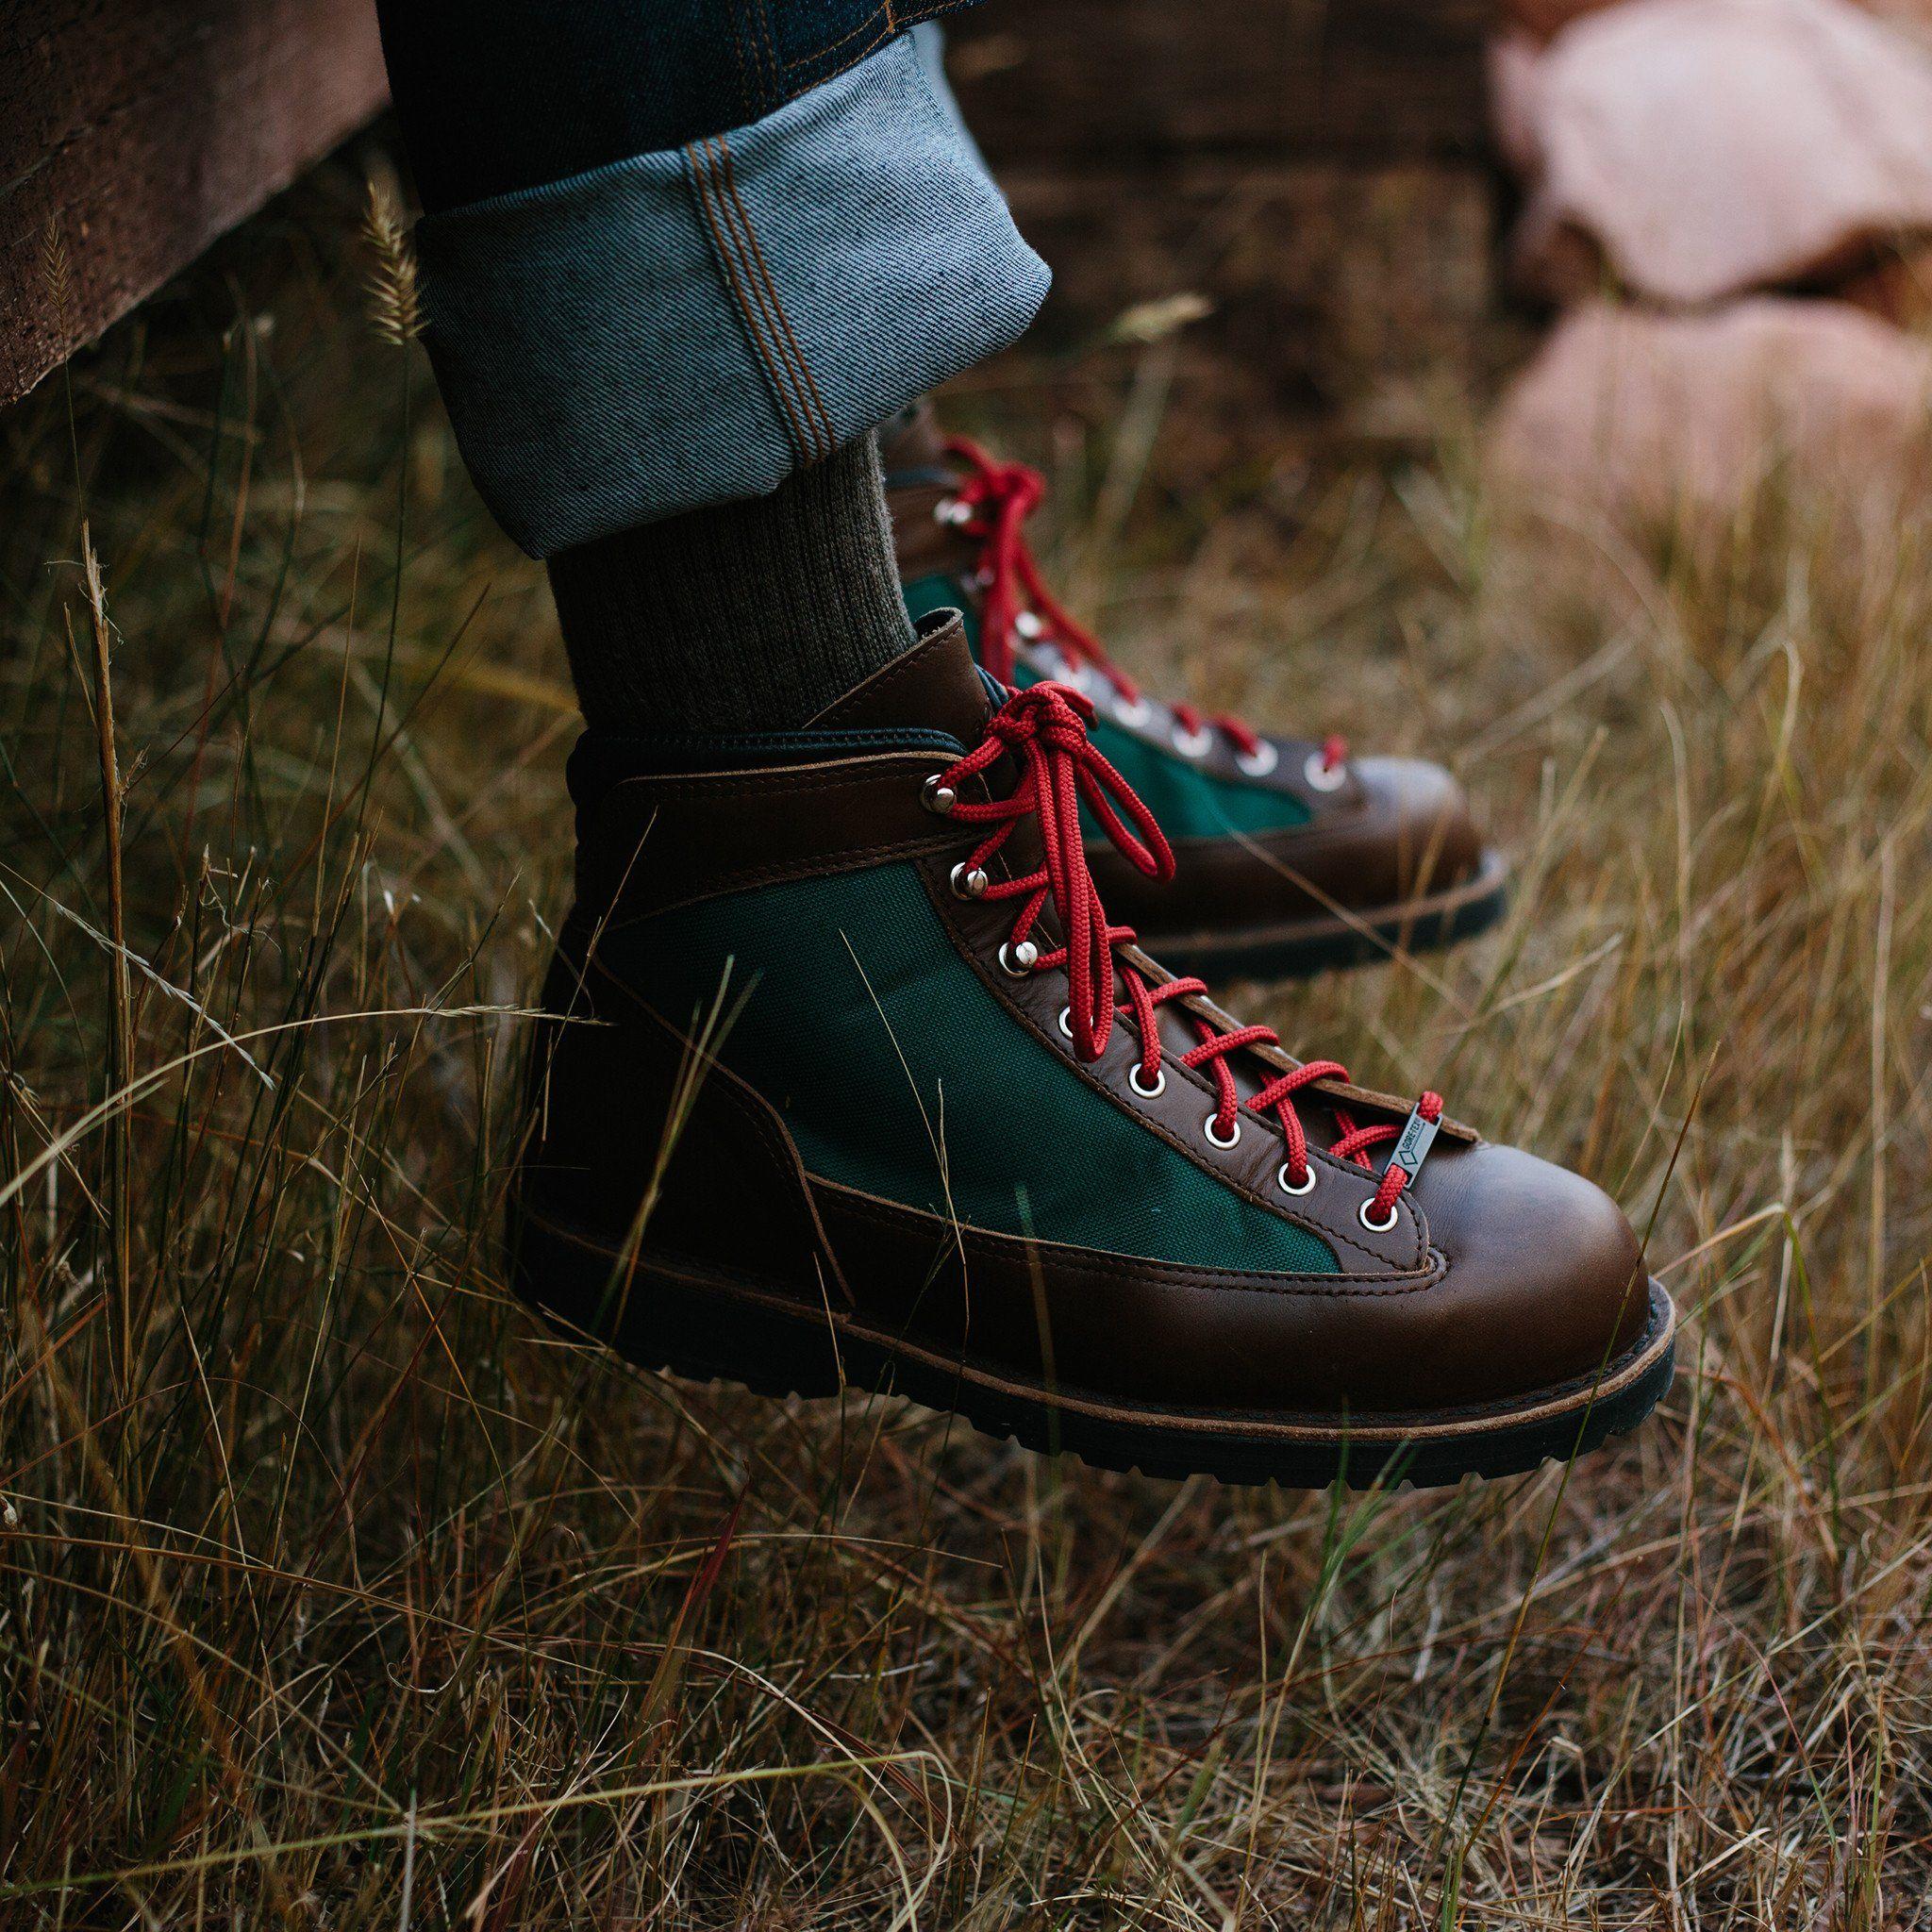 a17b66b1cdc Topo Designs x Danner Light Boot | Made in USA | Topo Designs ...